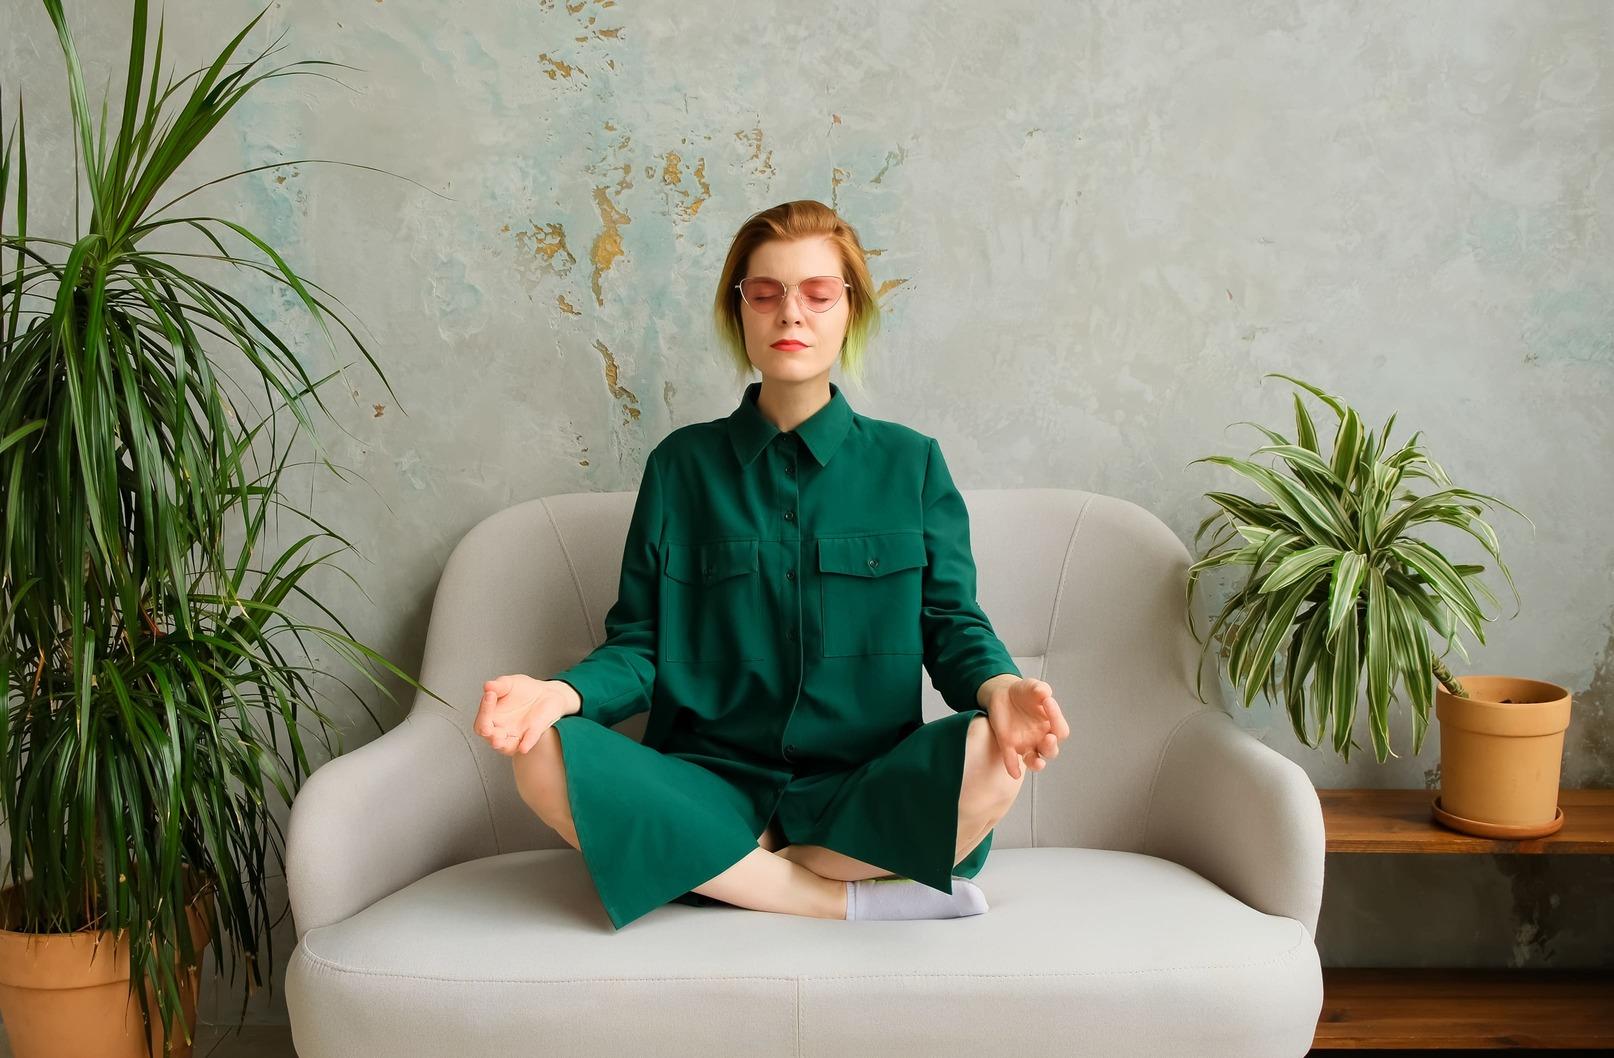 mujer medita practica yoga relajacion tratamiento acne hormonal